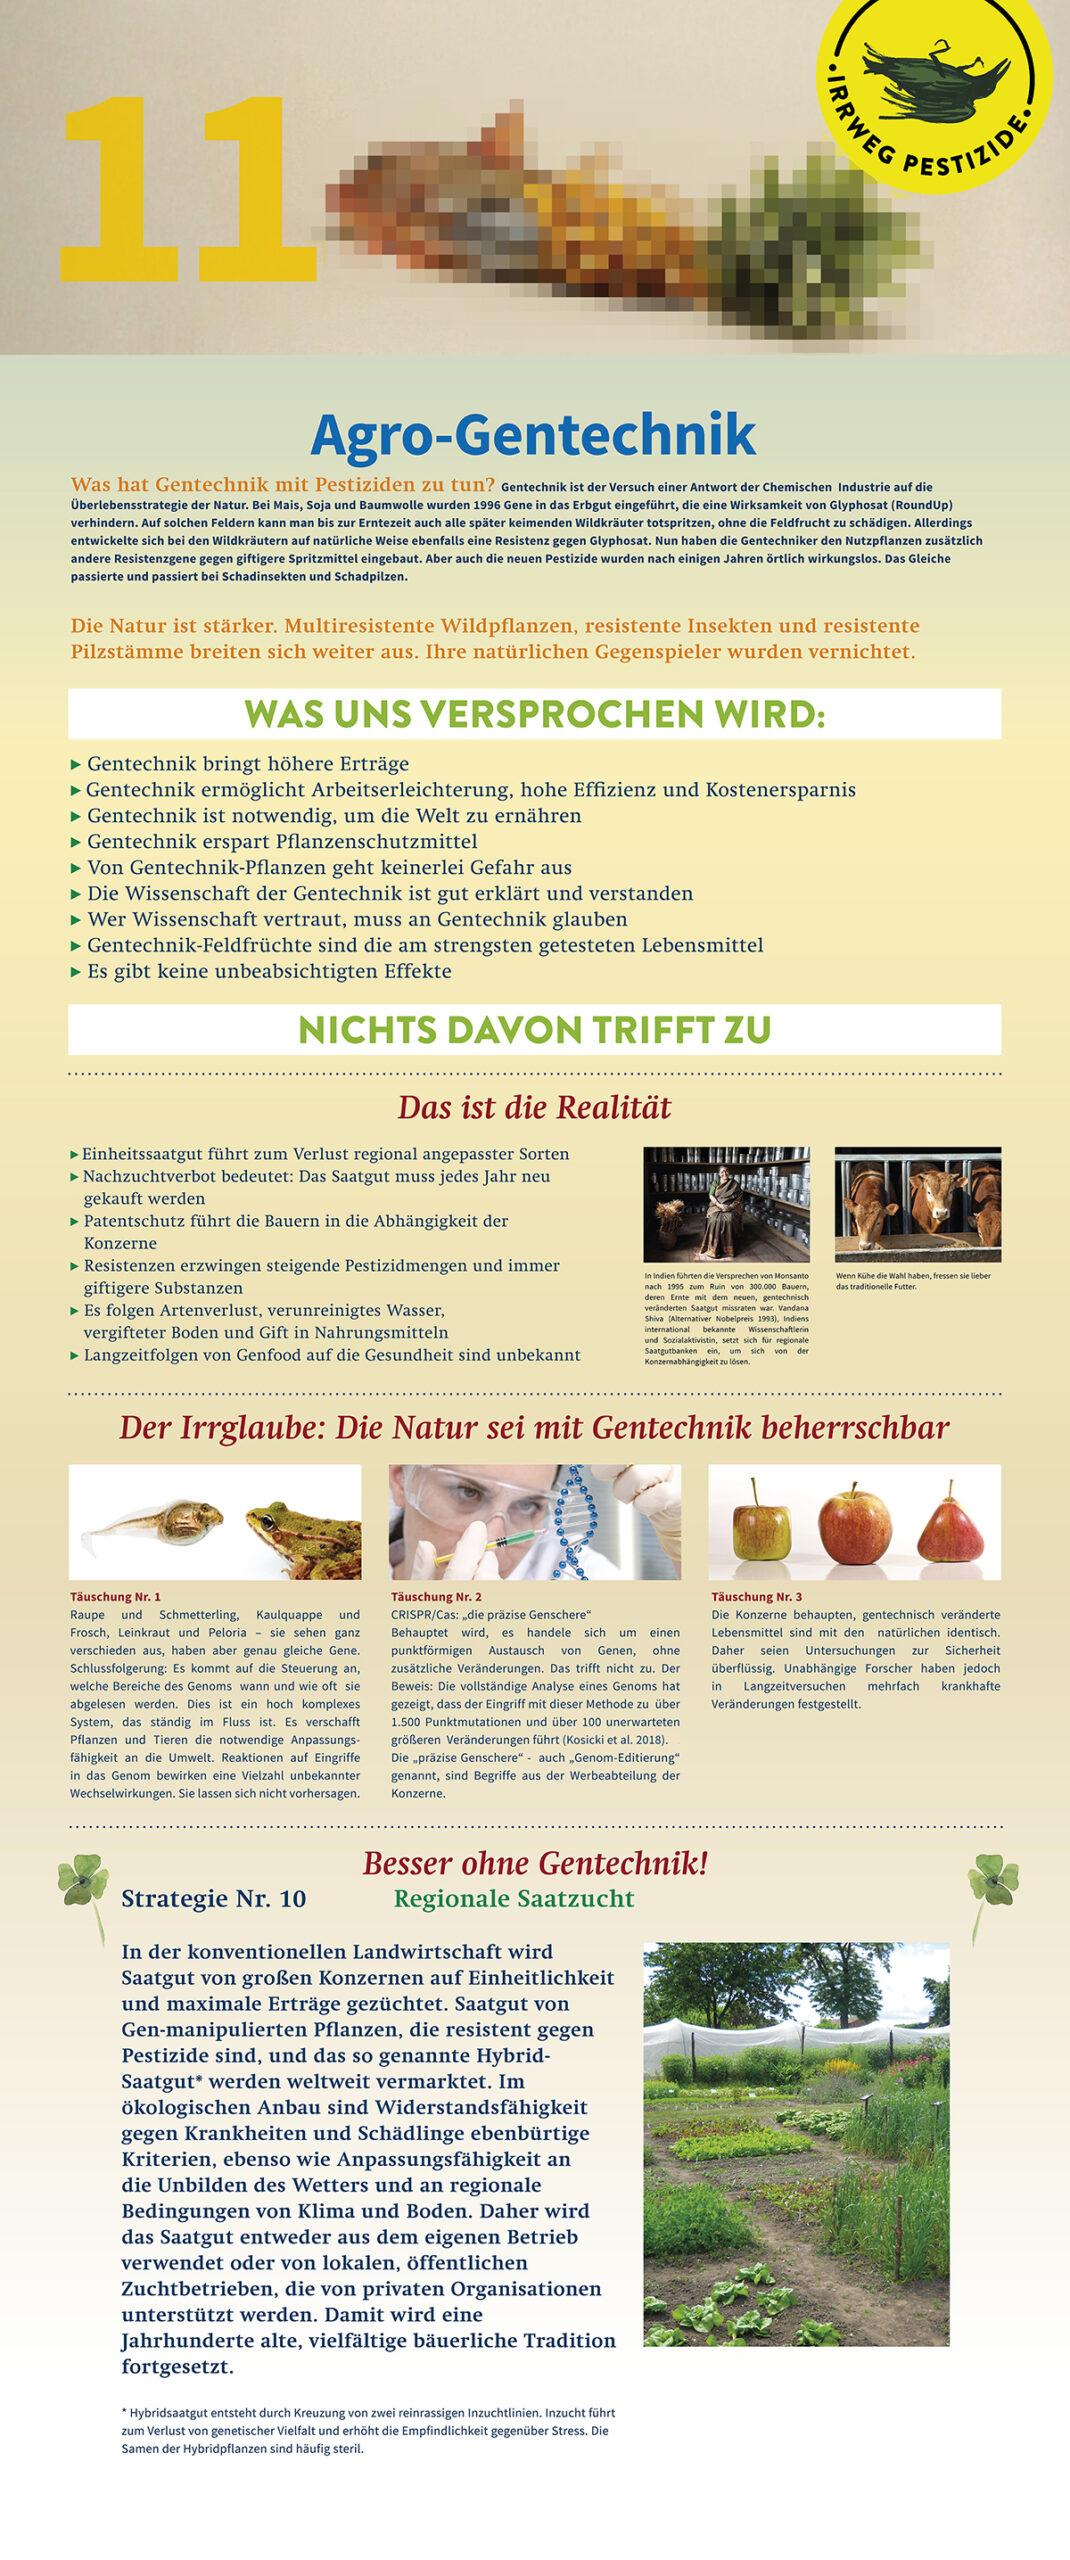 Irrweg Pestizide - Agro gentechnik